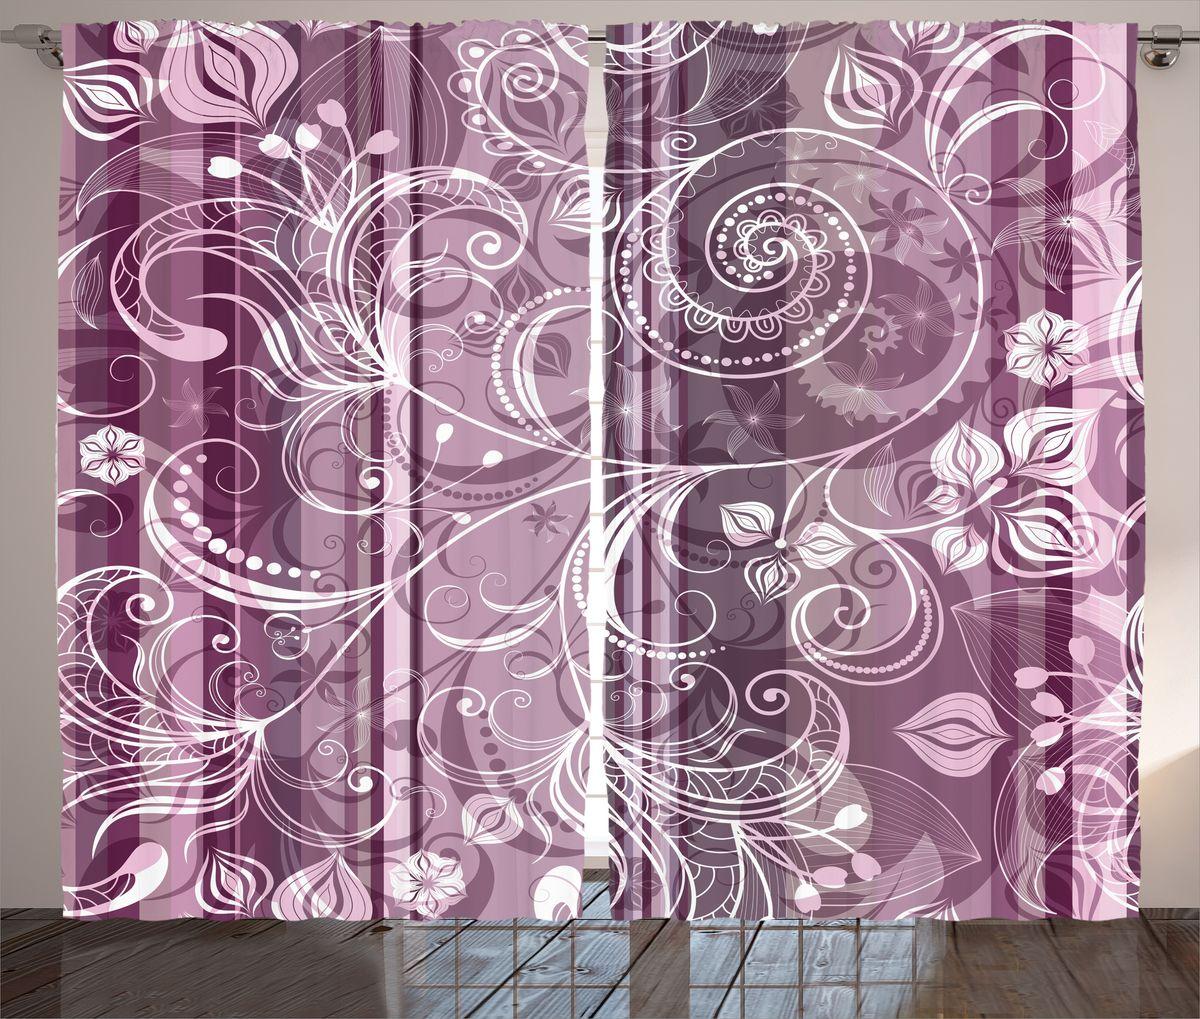 Комплект фотоштор Magic Lady Узоры на лиловом фоне, на ленте, высота 265 см. шсг_17703шсг_17703Компания Сэмболь изготавливает шторы из высококачественного сатена (полиэстер 100%). При изготовлении используются специальные гипоаллергенные чернила для прямой печати по ткани, безопасные для человека и животных. Экологичность продукции Magic lady и безопасность для окружающей среды подтверждены сертификатом Oeko-Tex Standard 100. Крепление: крючки для крепления на шторной ленте (50 шт). Возможно крепление на трубу. Внимание! При нанесении сублимационной печати на ткань технологическим методом при температуре 240°С, возможно отклонение полученных размеров (указанных на этикетке и сайте) от стандартных на + - 3-5 см. Производитель старается максимально точно передать цвета изделия на фотографиях, однако искажения неизбежны и фактический цвет изделия может отличаться от воспринимаемого по фото. Обратите внимание! Шторы изготовлены из полиэстра сатенового переплетения, а не из сатина (хлопок). Размер одного полотна шторы: 145х265 см. В комплекте 2...